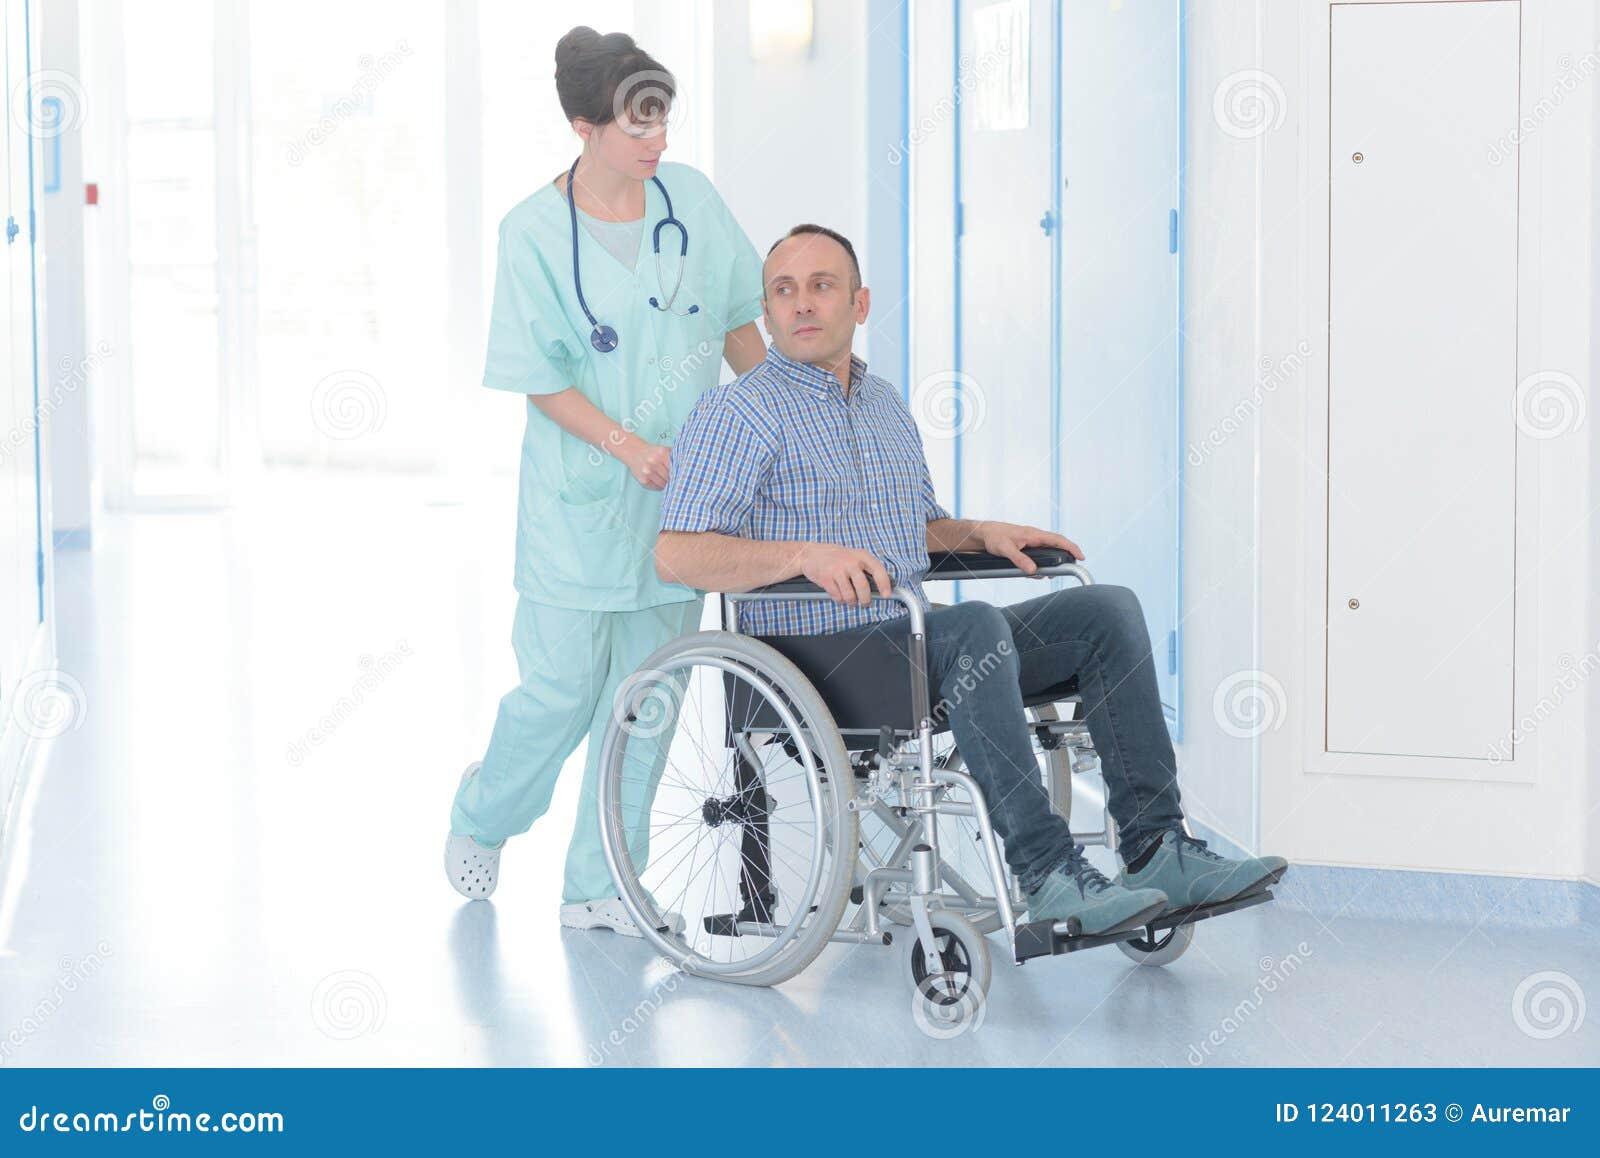 Junge weibliche Krankenschwester mit behindertem männlichem Patienten auf Rollstuhl